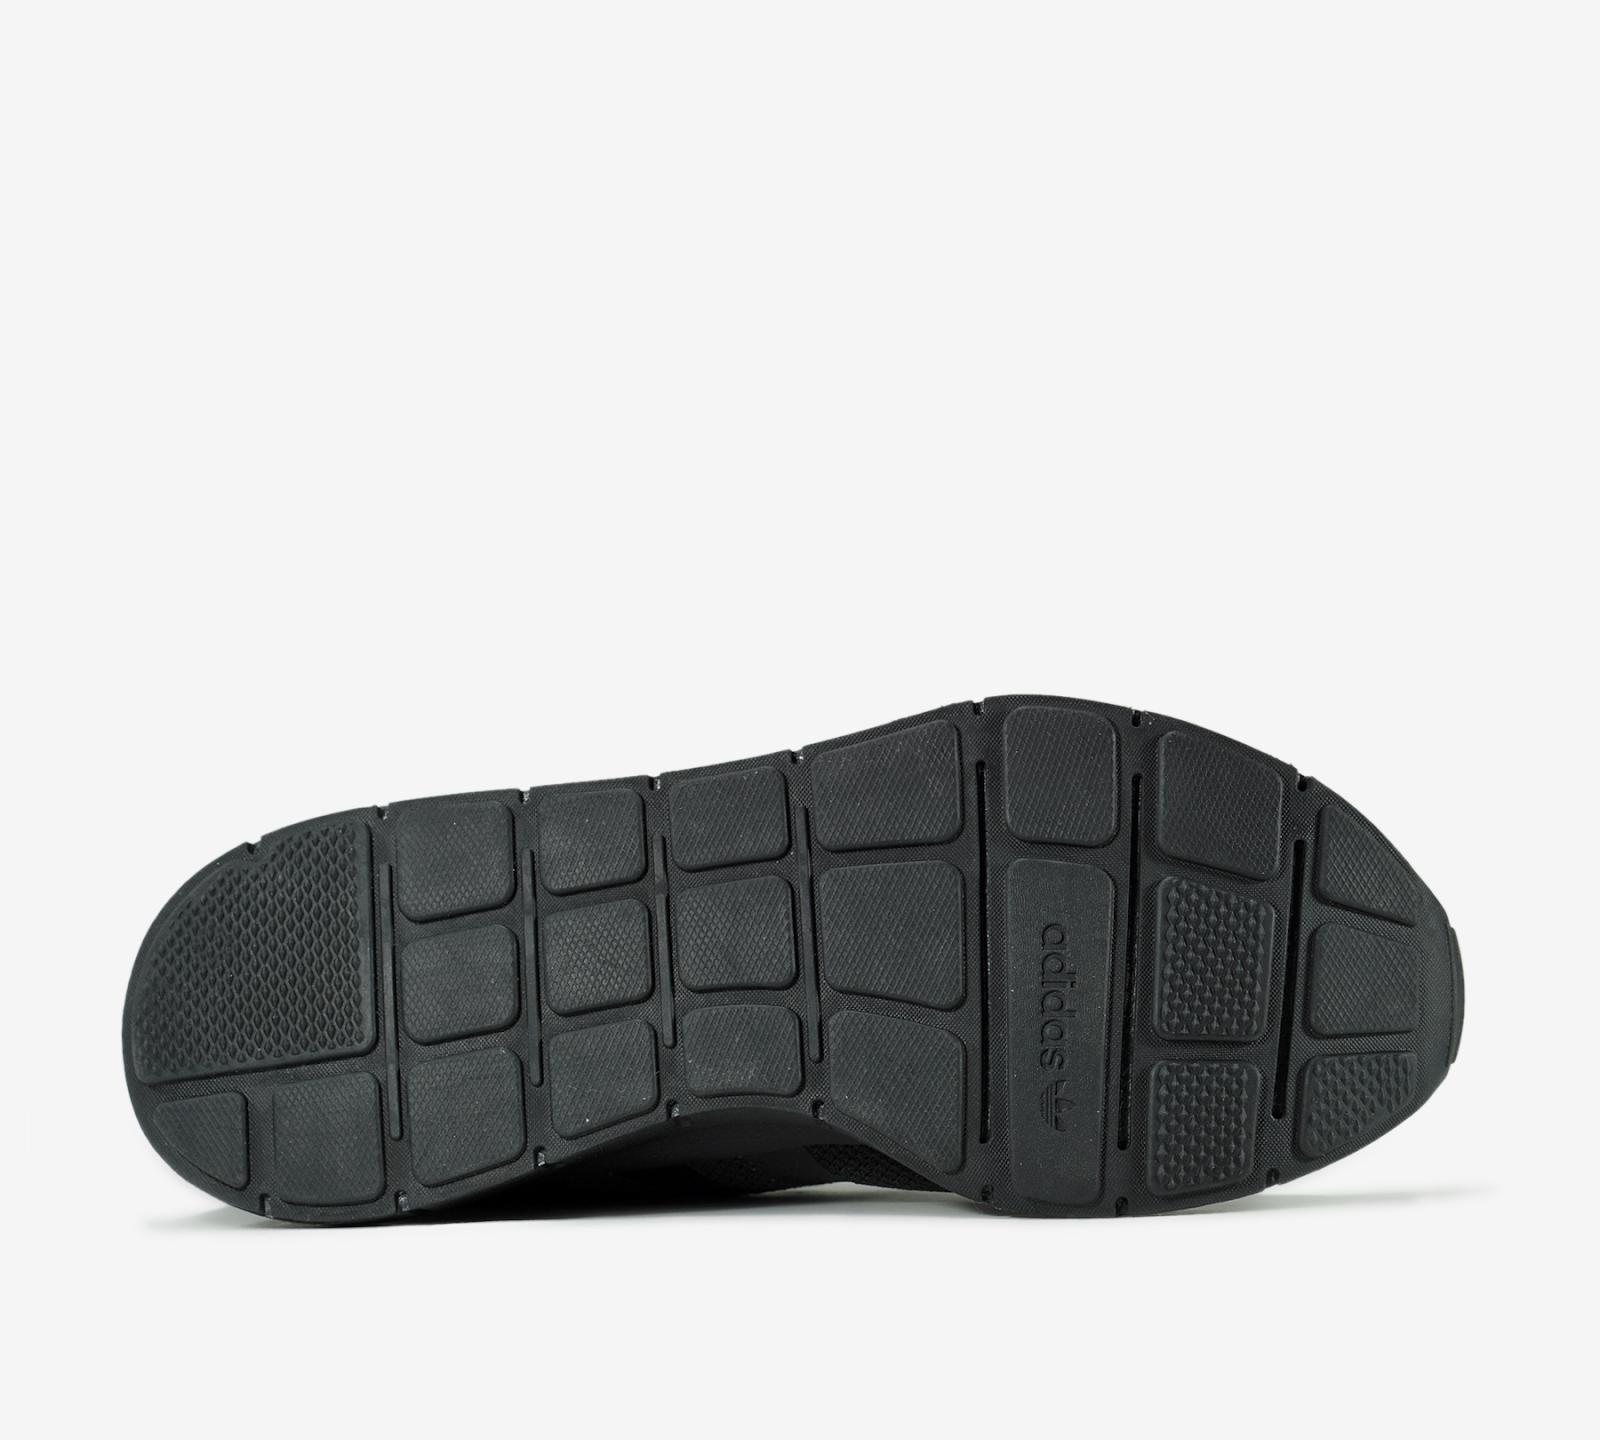 Review giày adidas Swift Run   đôi giày adidas nam chính hãng tuyệt vời cho tầm giá tầm trung